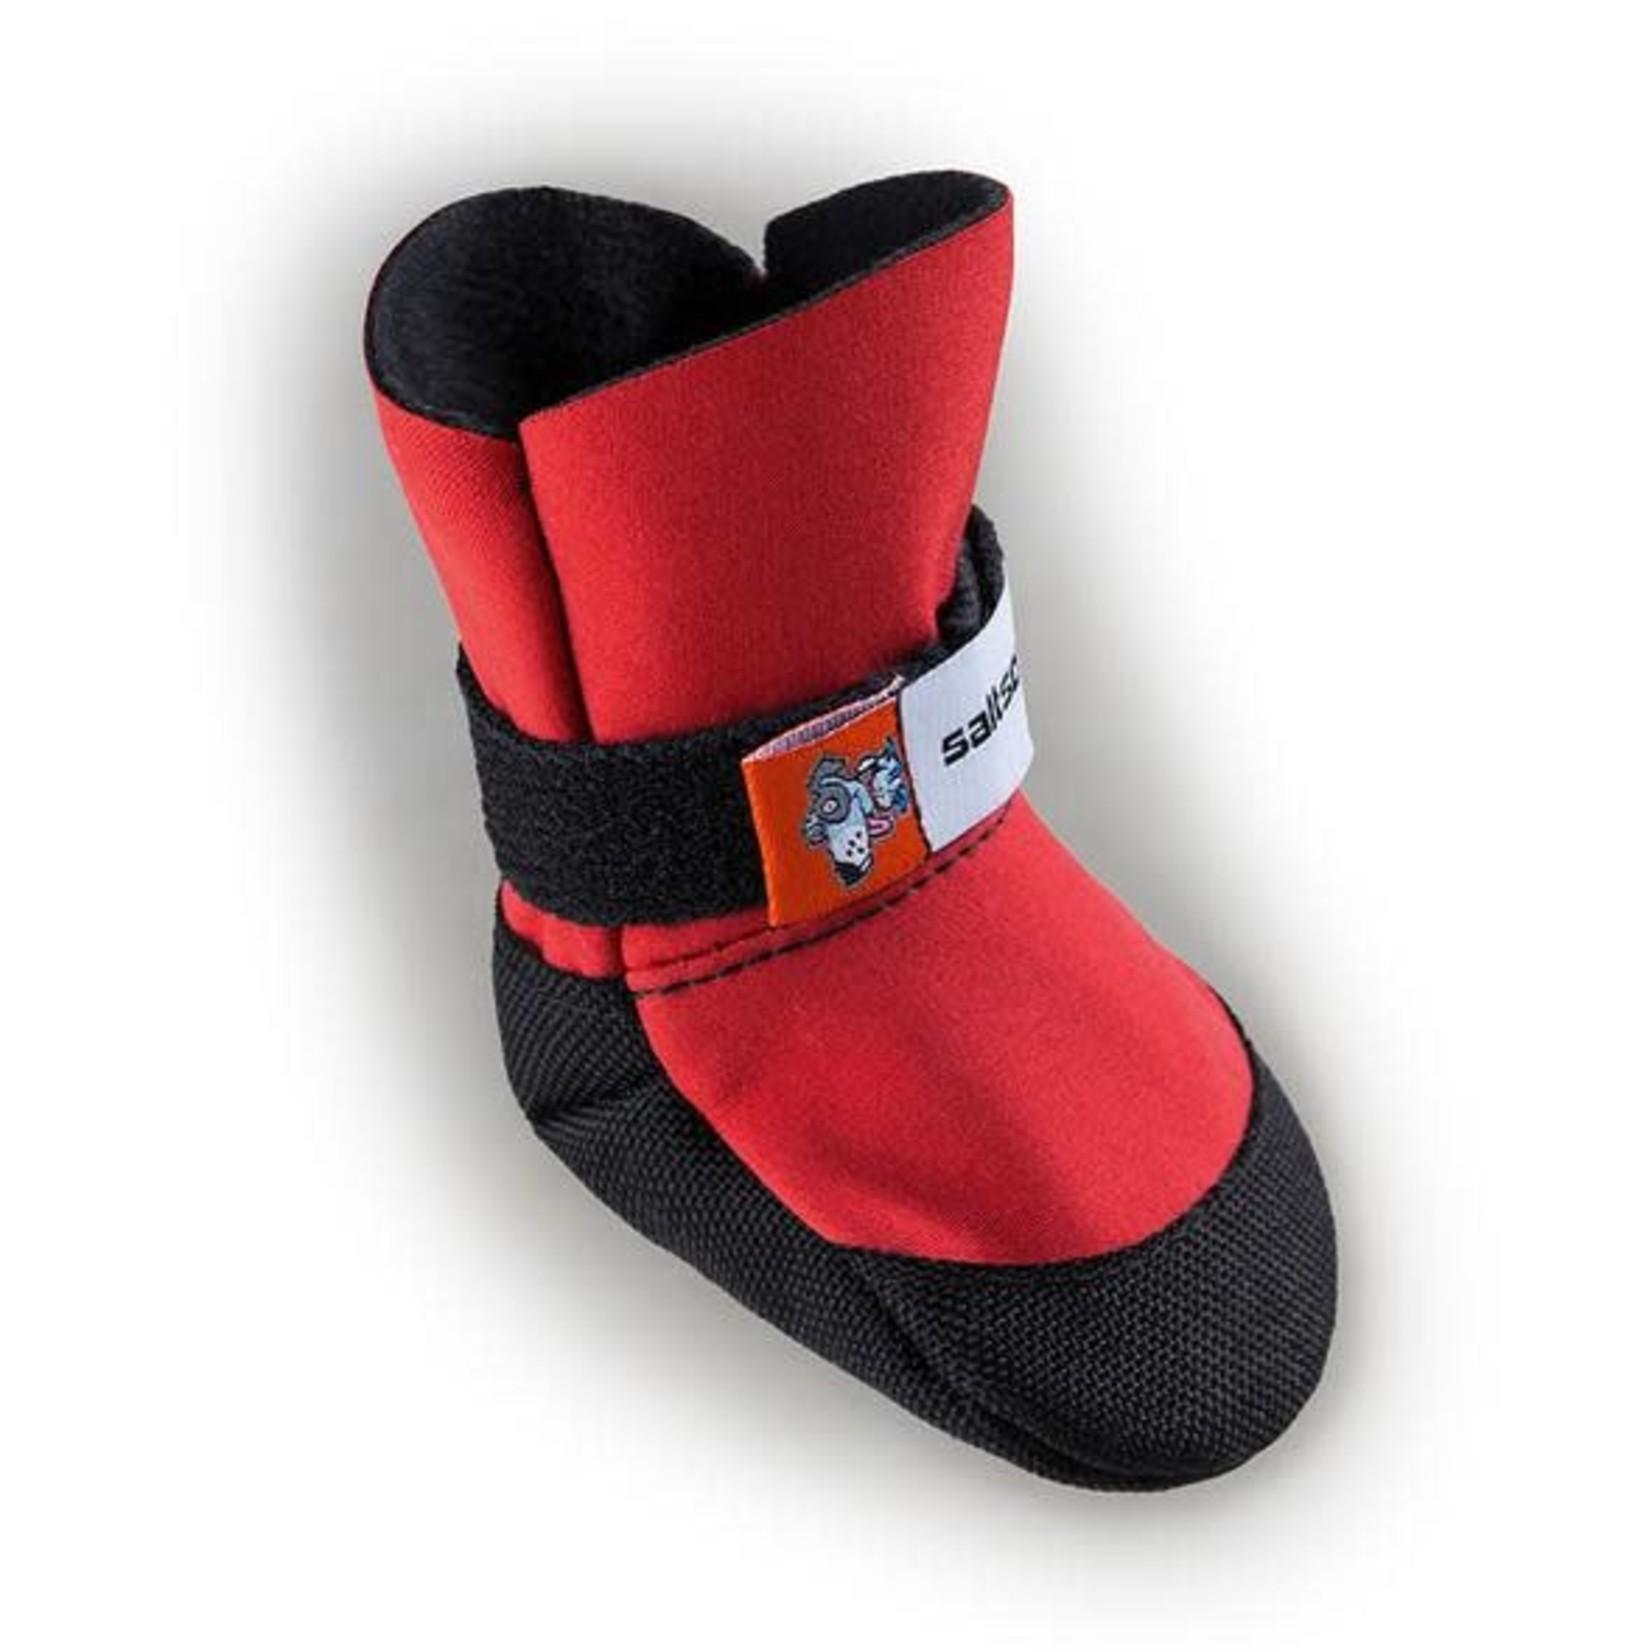 Saltsox Saltsox Boots X-Small Red